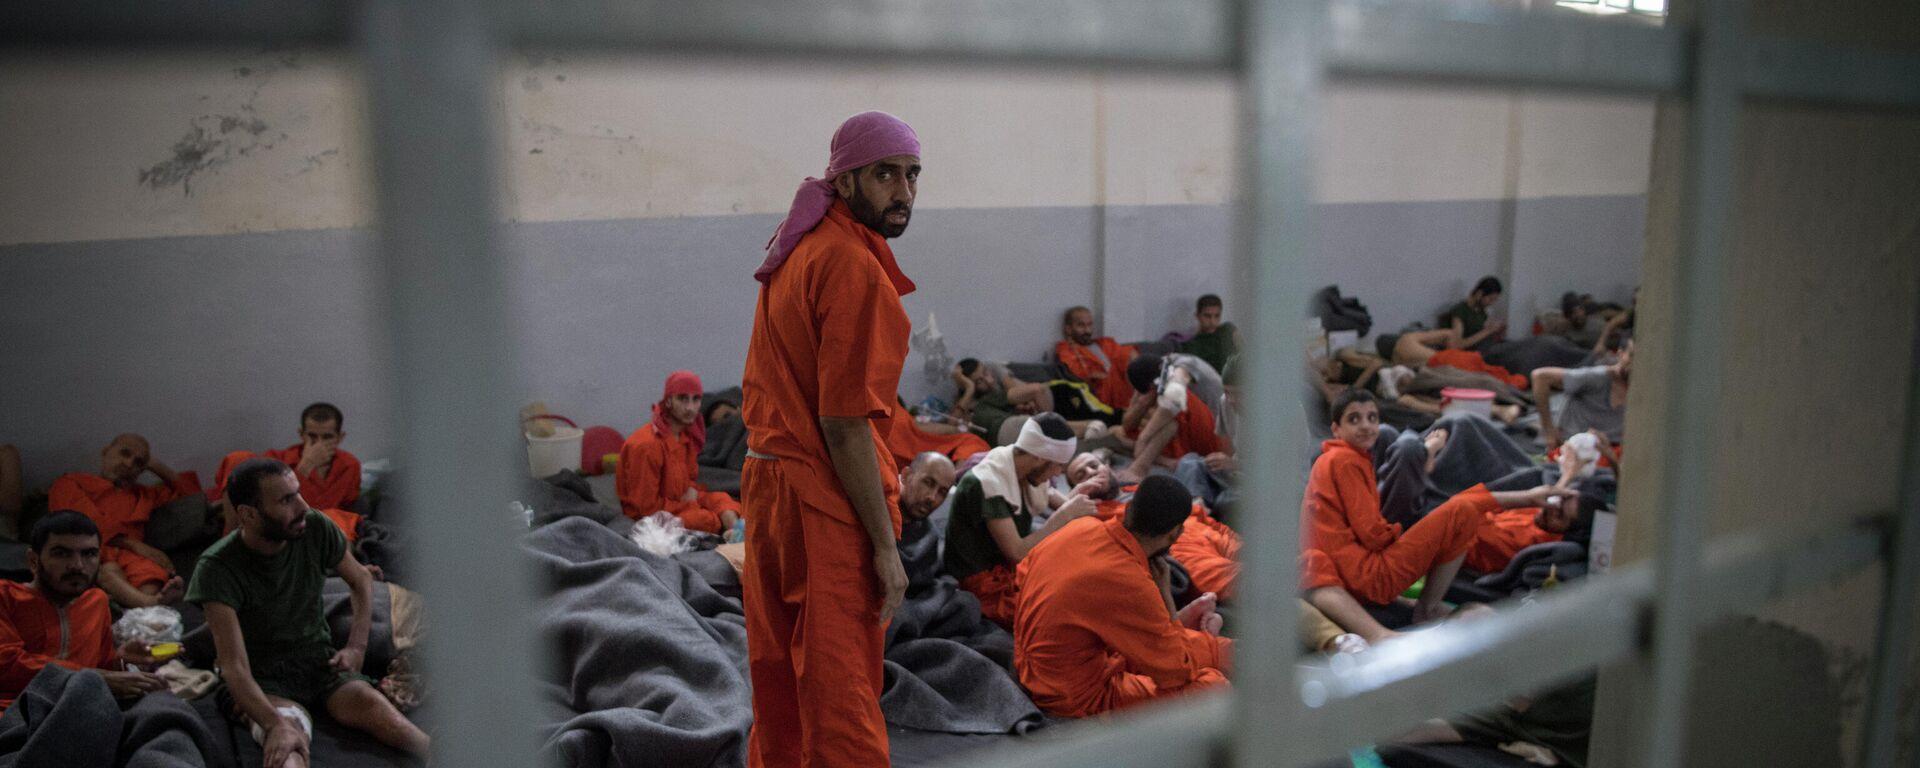 Gefängnis mit IS-Häftlingen in der syrischen Stadt Hasakeh - SNA, 1920, 19.12.2020